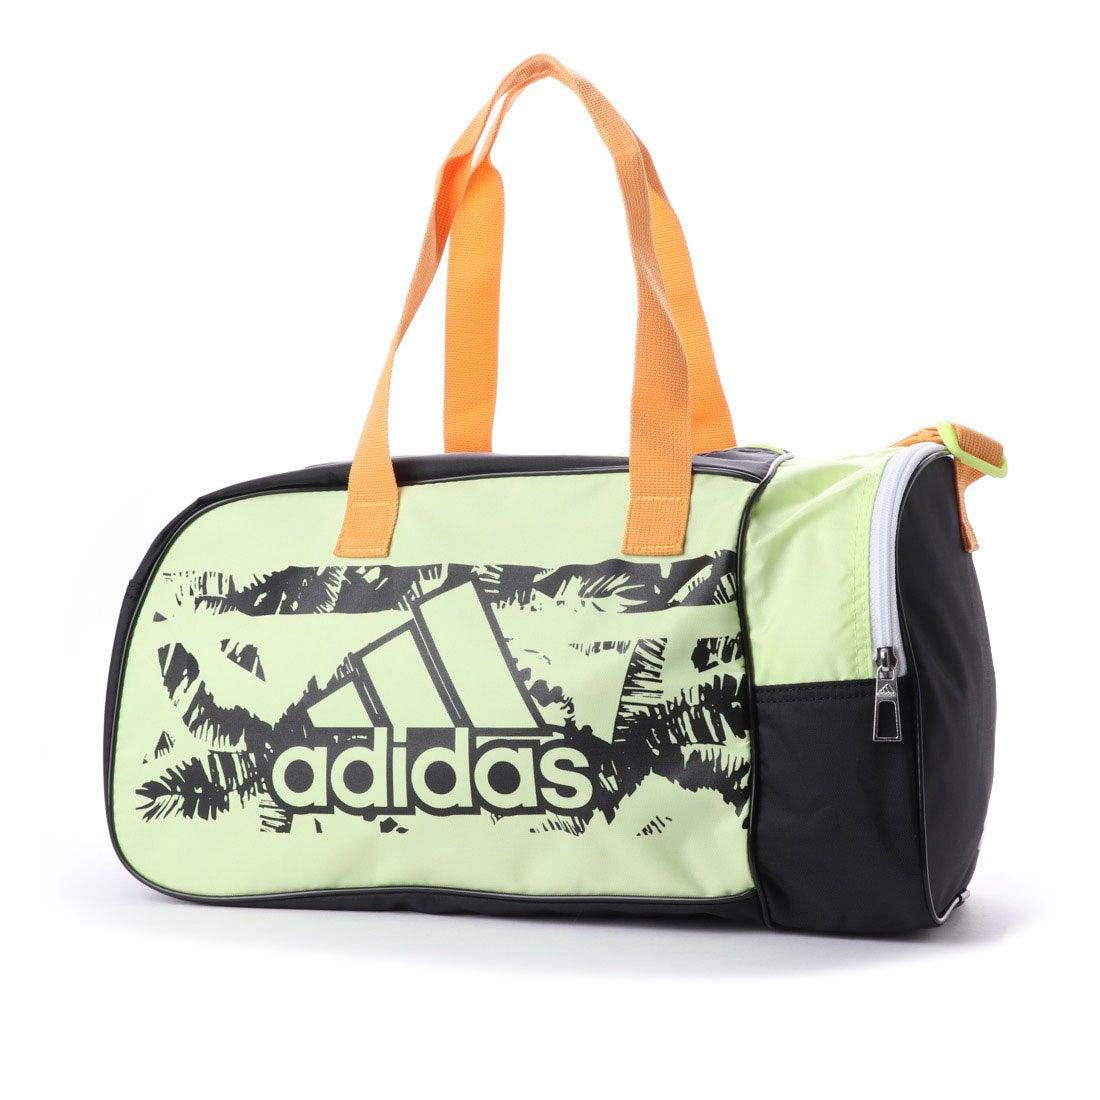 ロコンド 靴とファッションの通販サイトアディダス(adidas)ジュニア水泳プールバッグSWBOSTONBAGCX4310